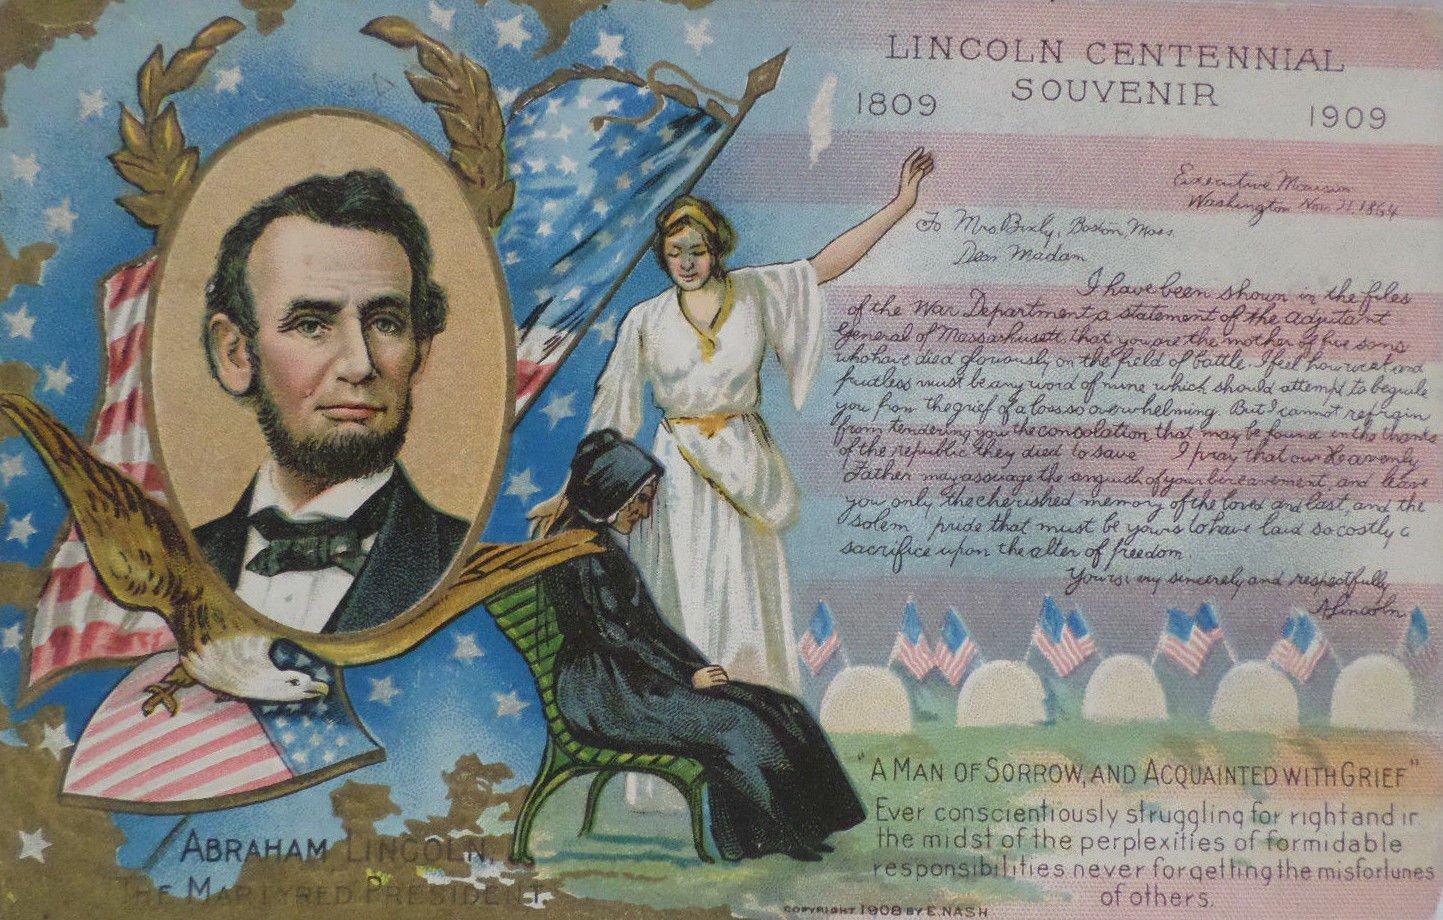 Antique Postcard President Abraham Lincoln Centennial Souvenir 1809 - 1909